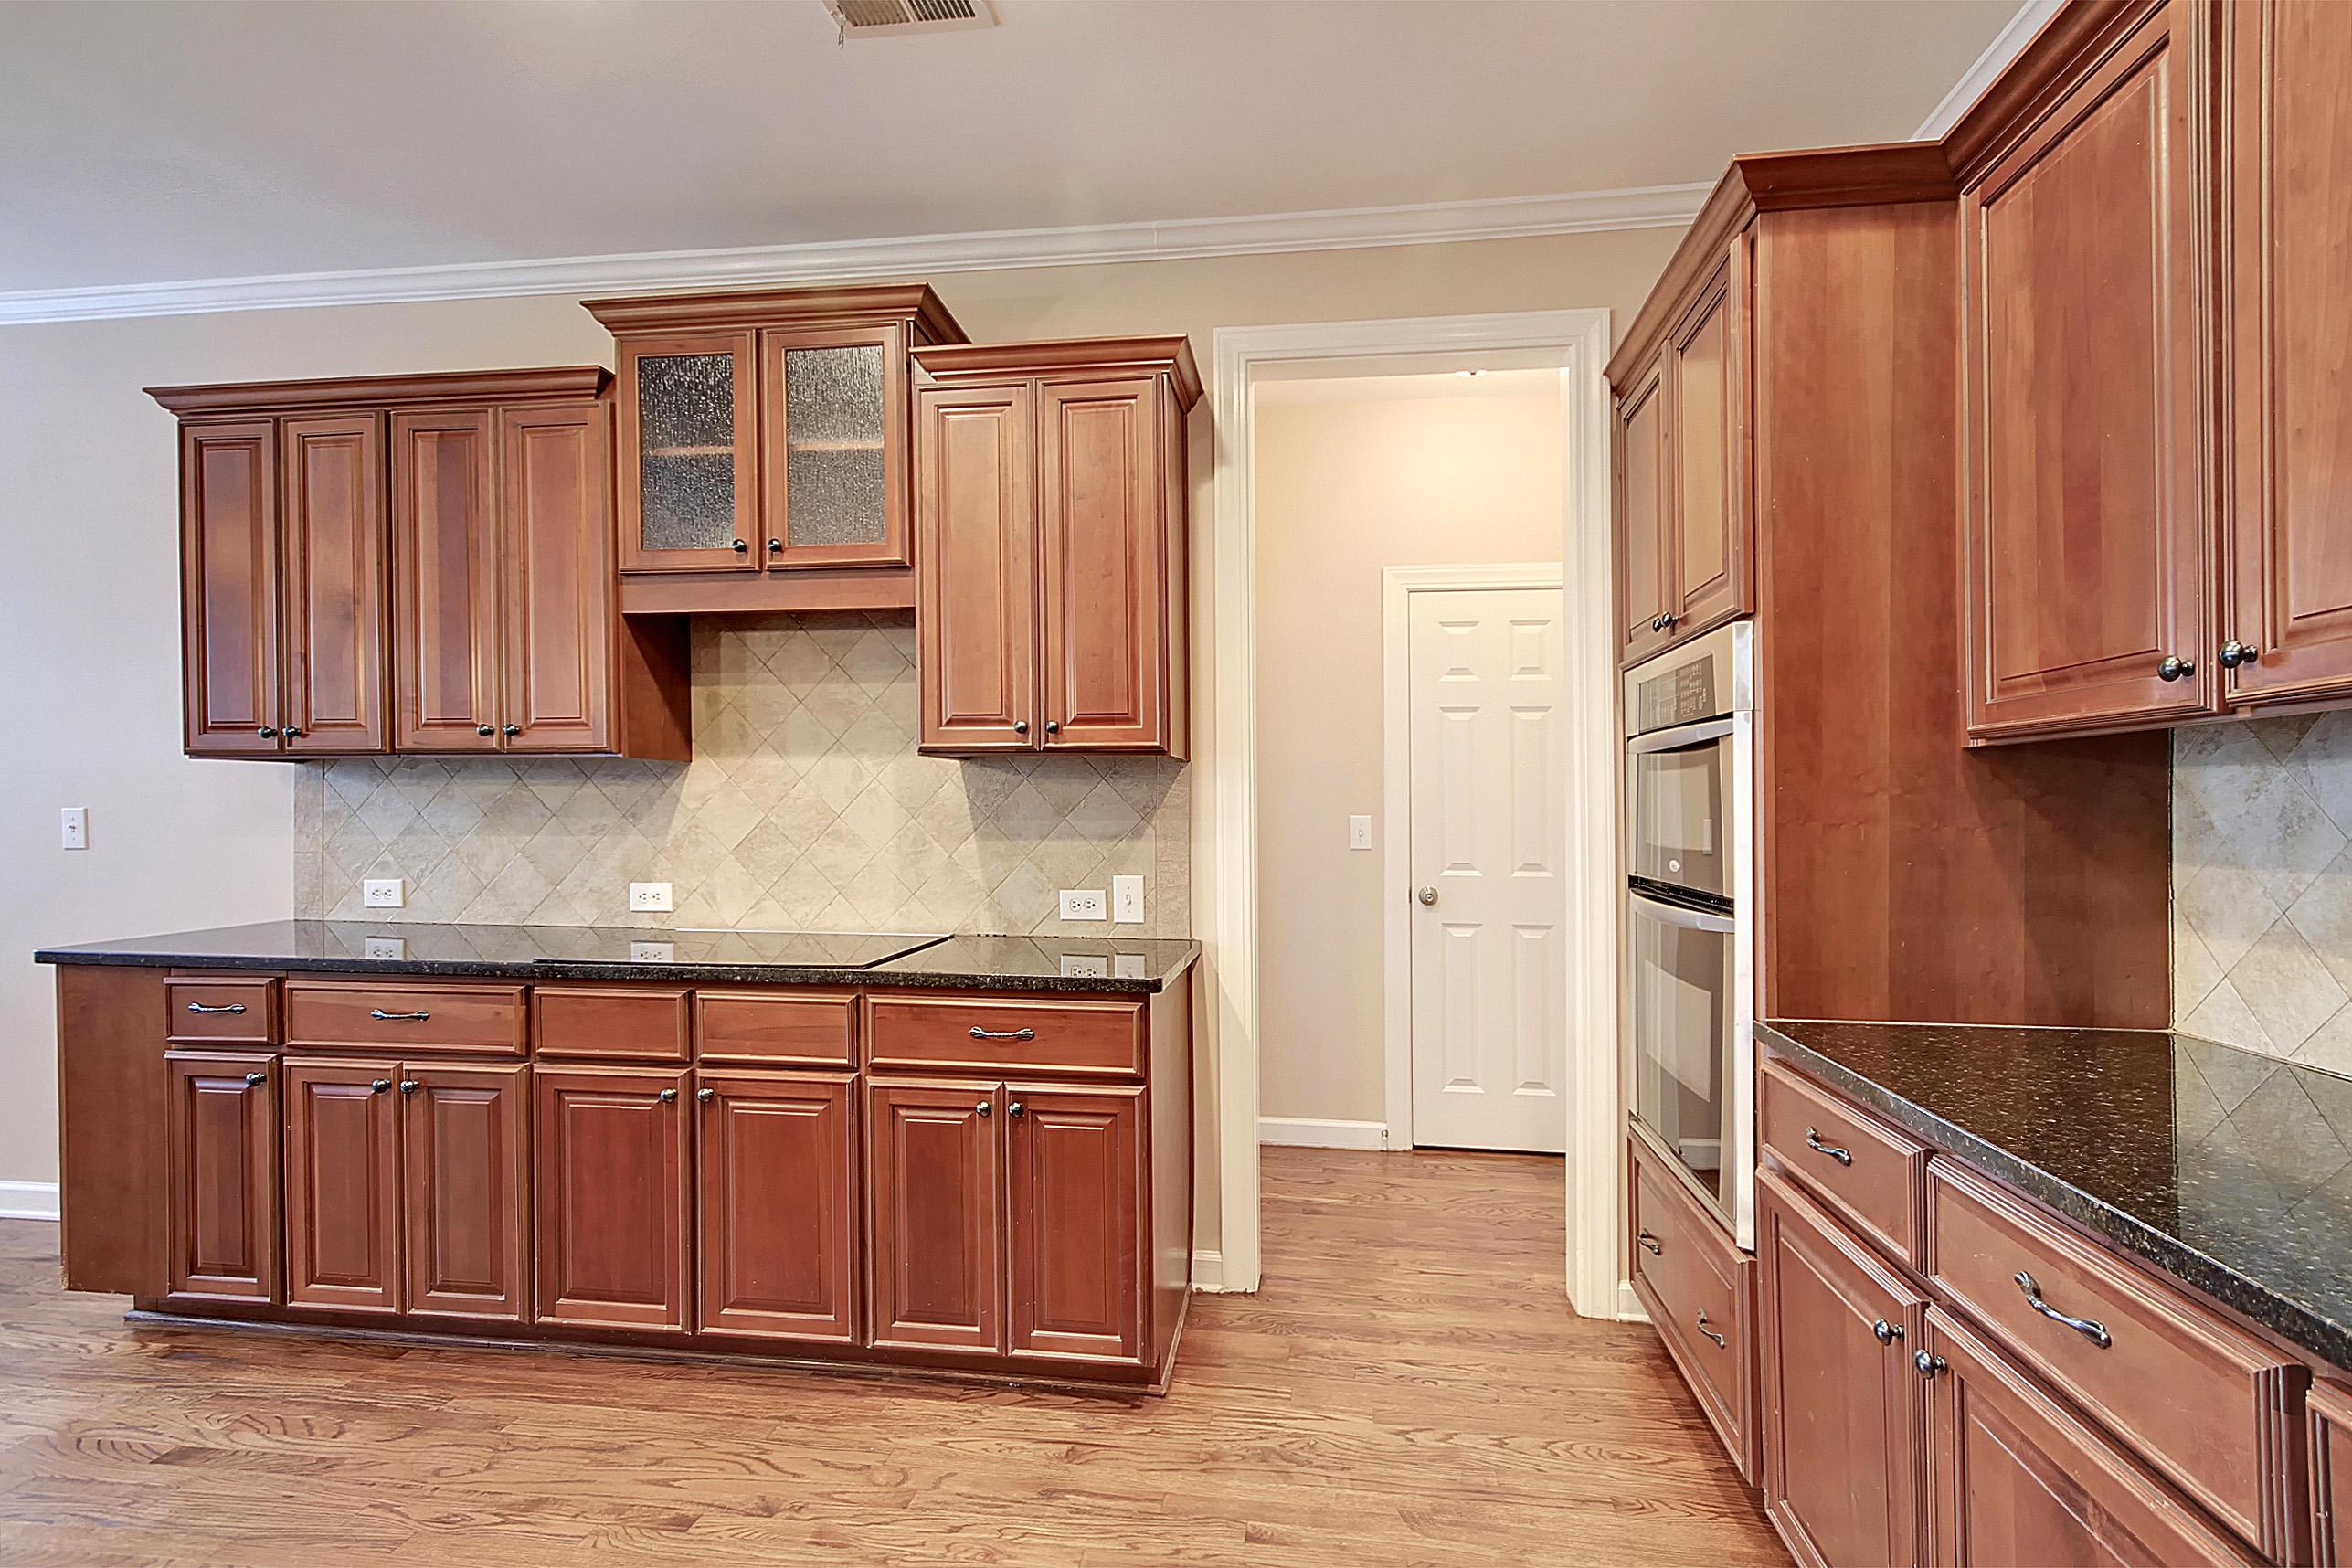 Dunes West Homes For Sale - 1501 Jacaranda, Mount Pleasant, SC - 17